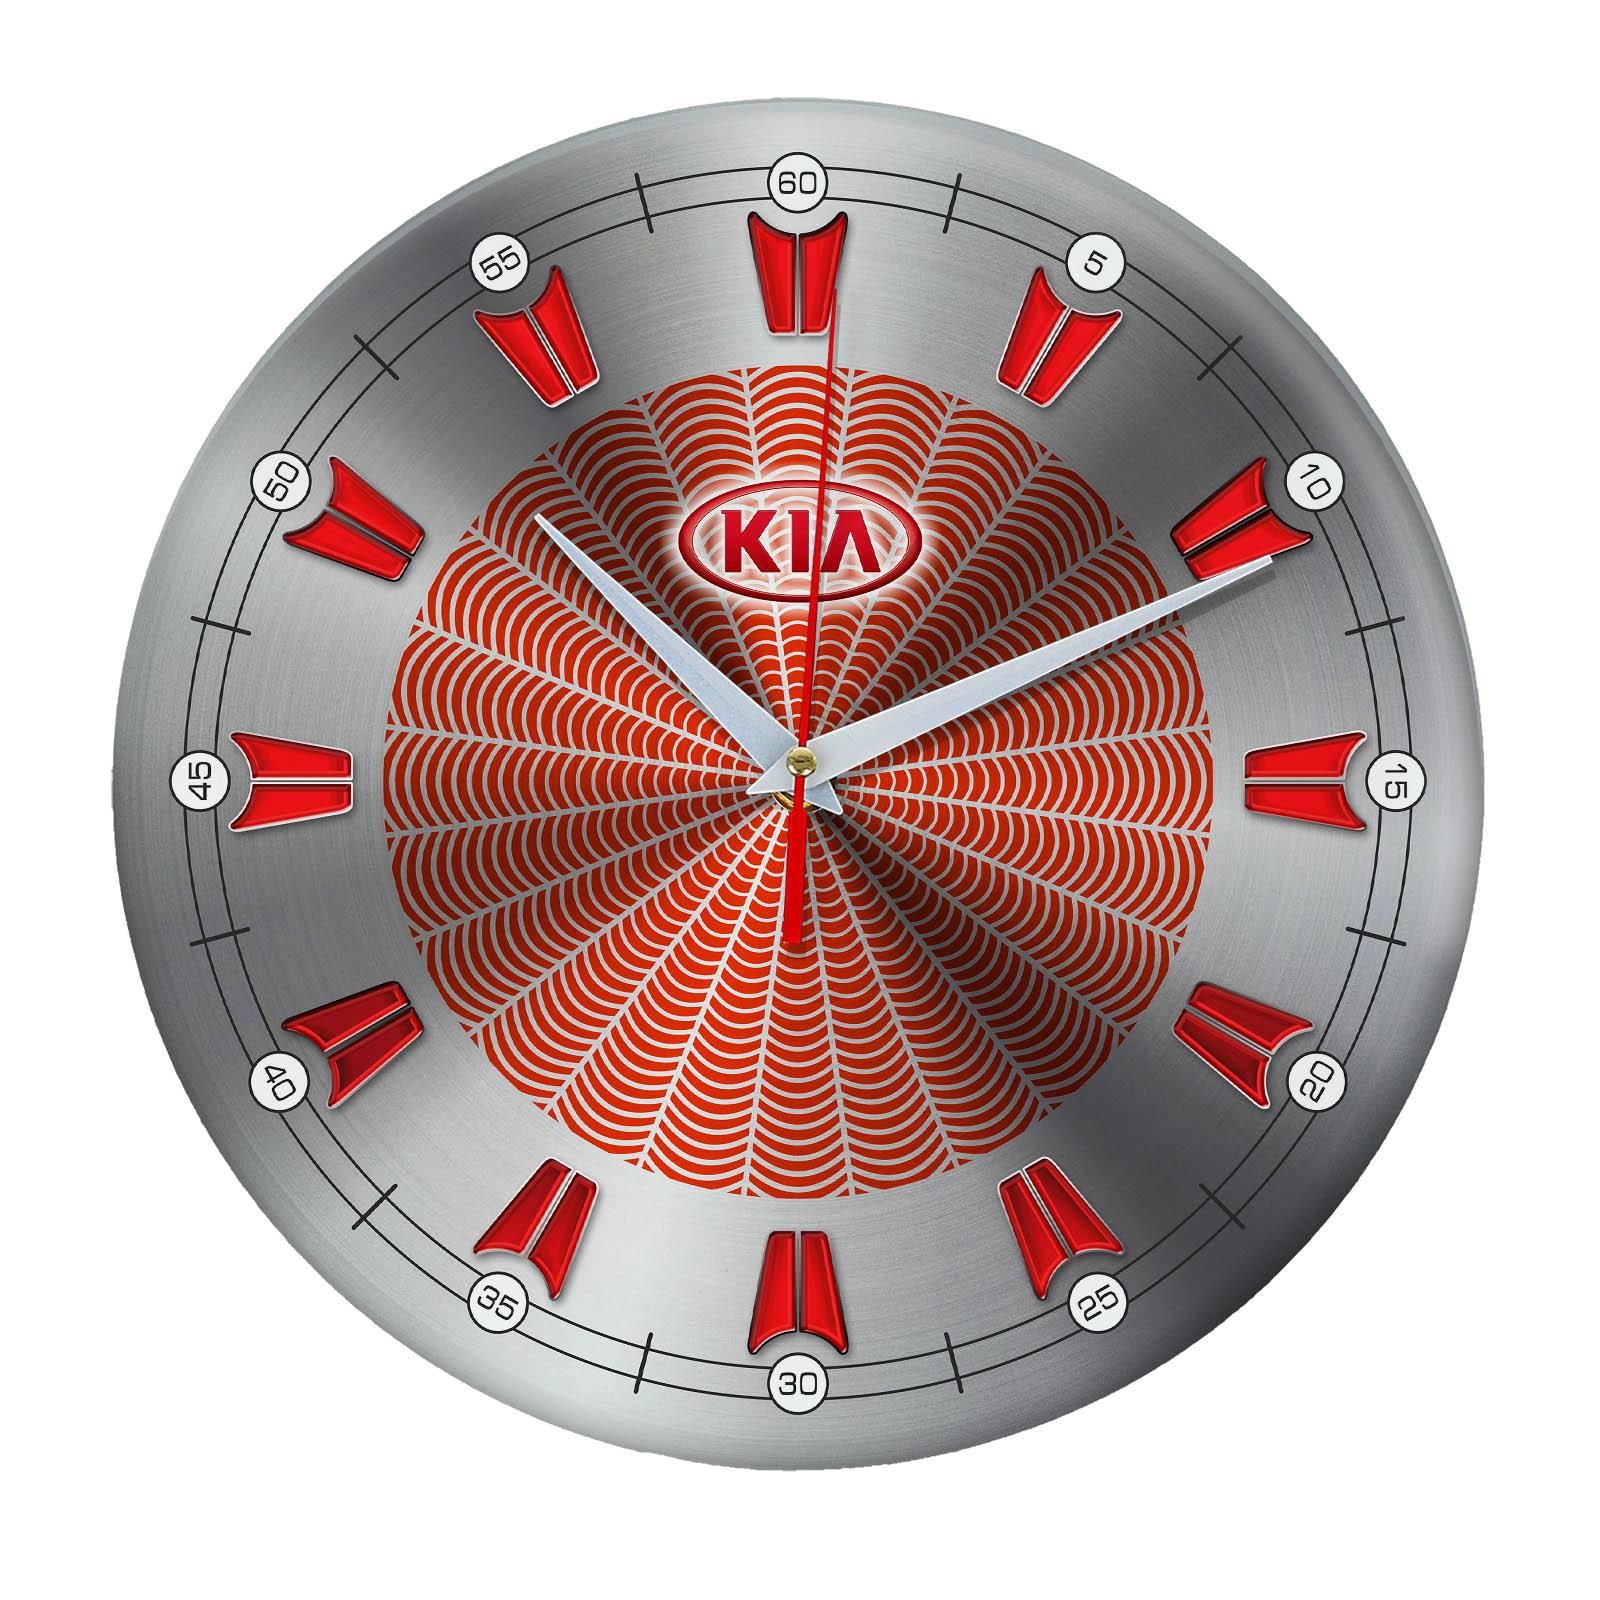 Настенные часы «kia 1» сувенир